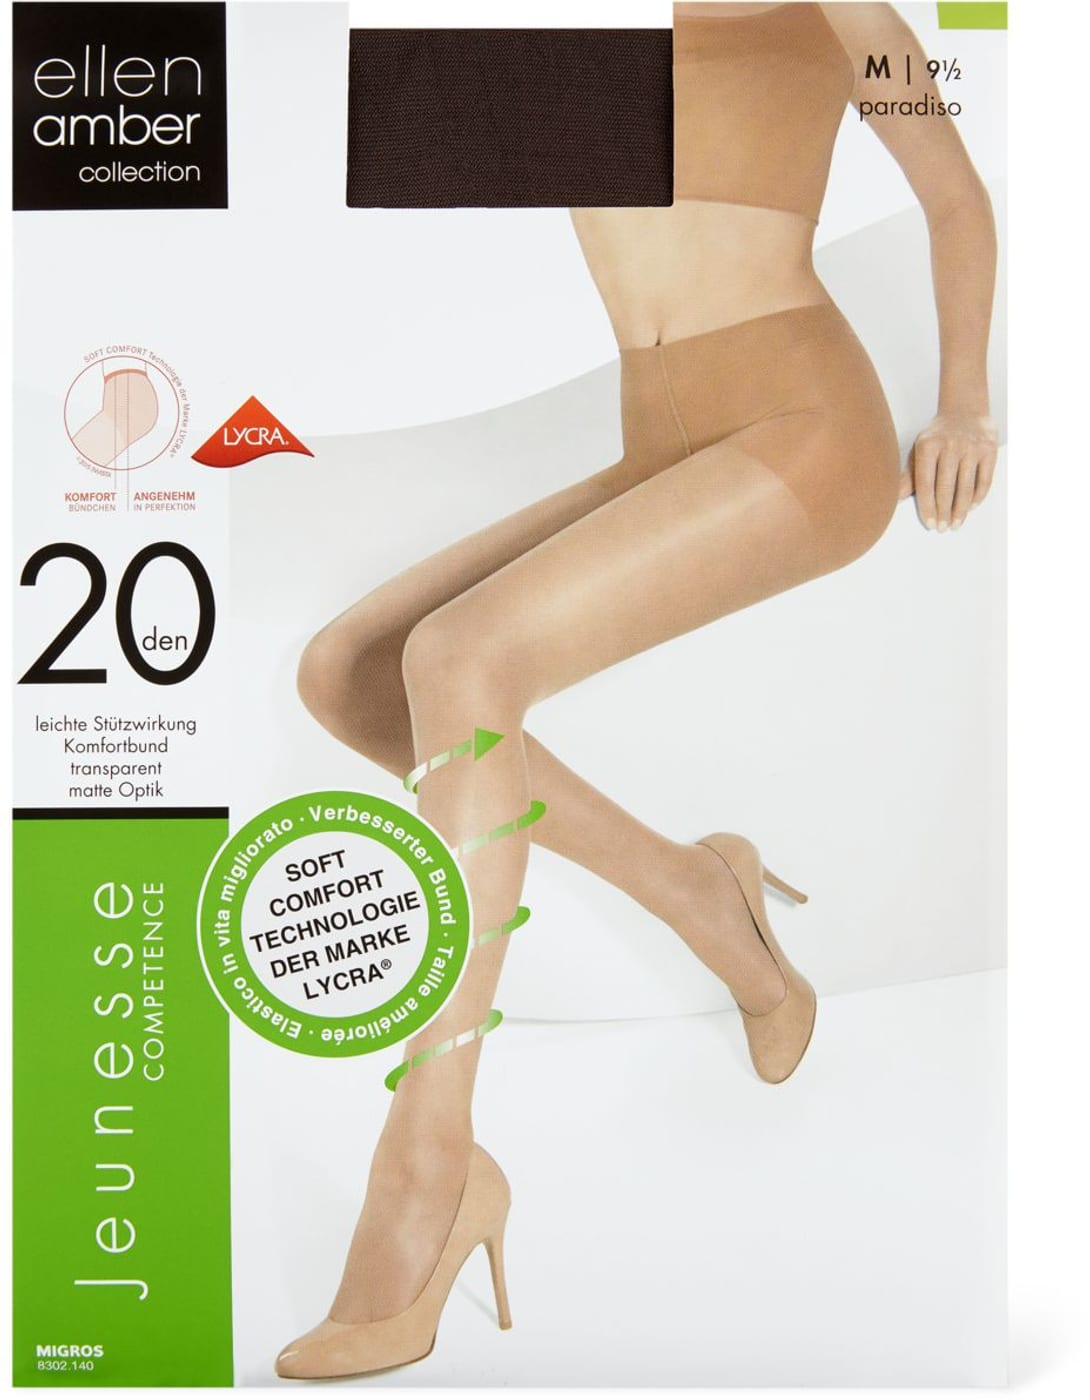 Strumpfhosen 2094 Produkte von 119 Marken Stylight